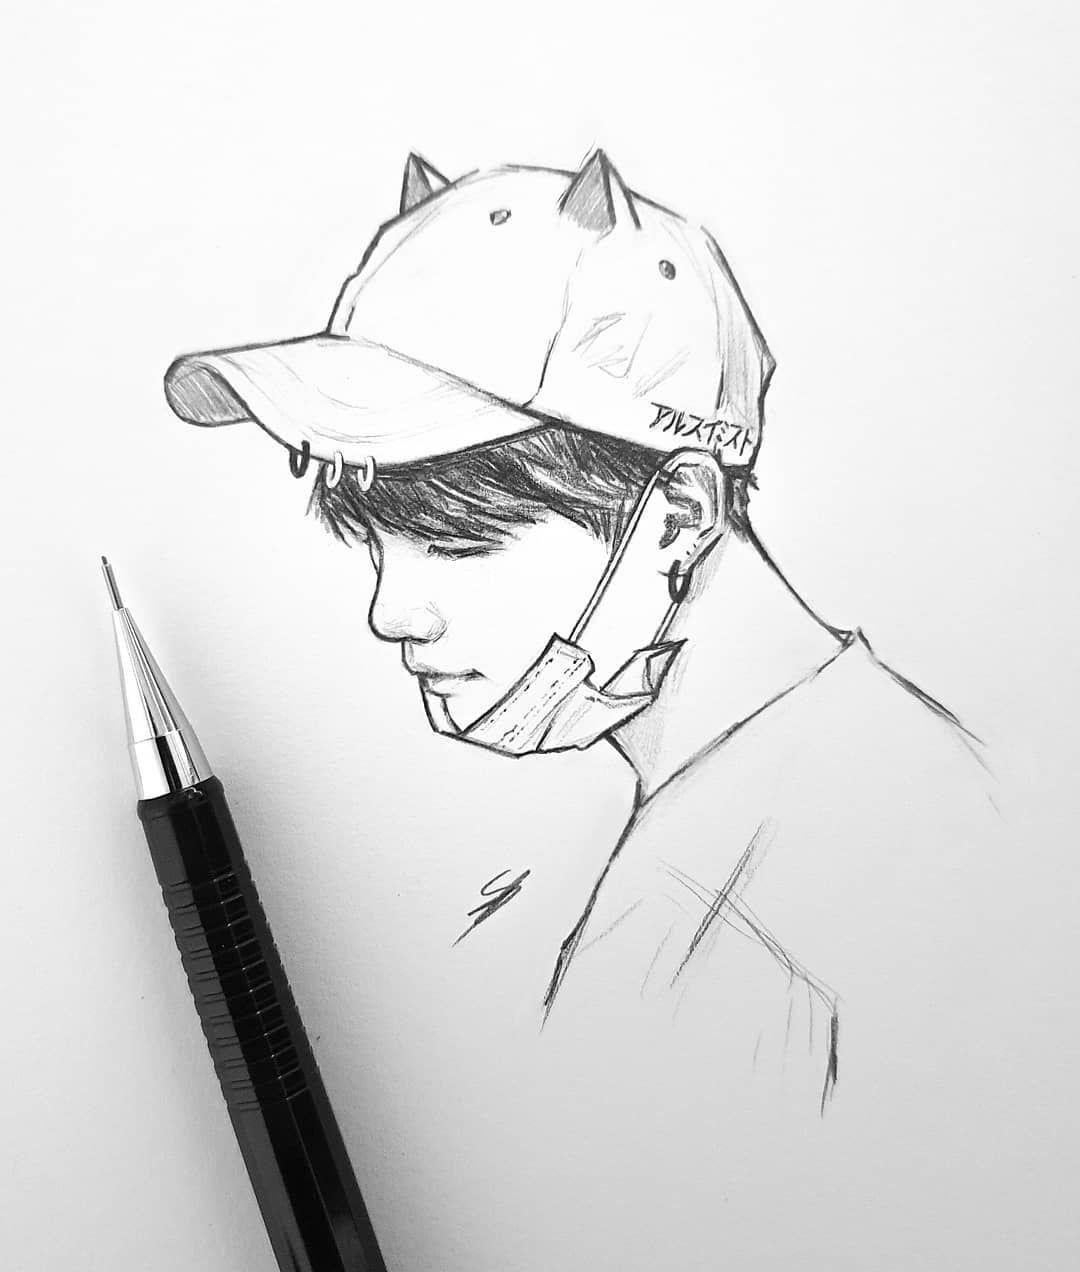 Mmwaaah Bts Hoseok Kpop Drawings Bts Drawings Drawings